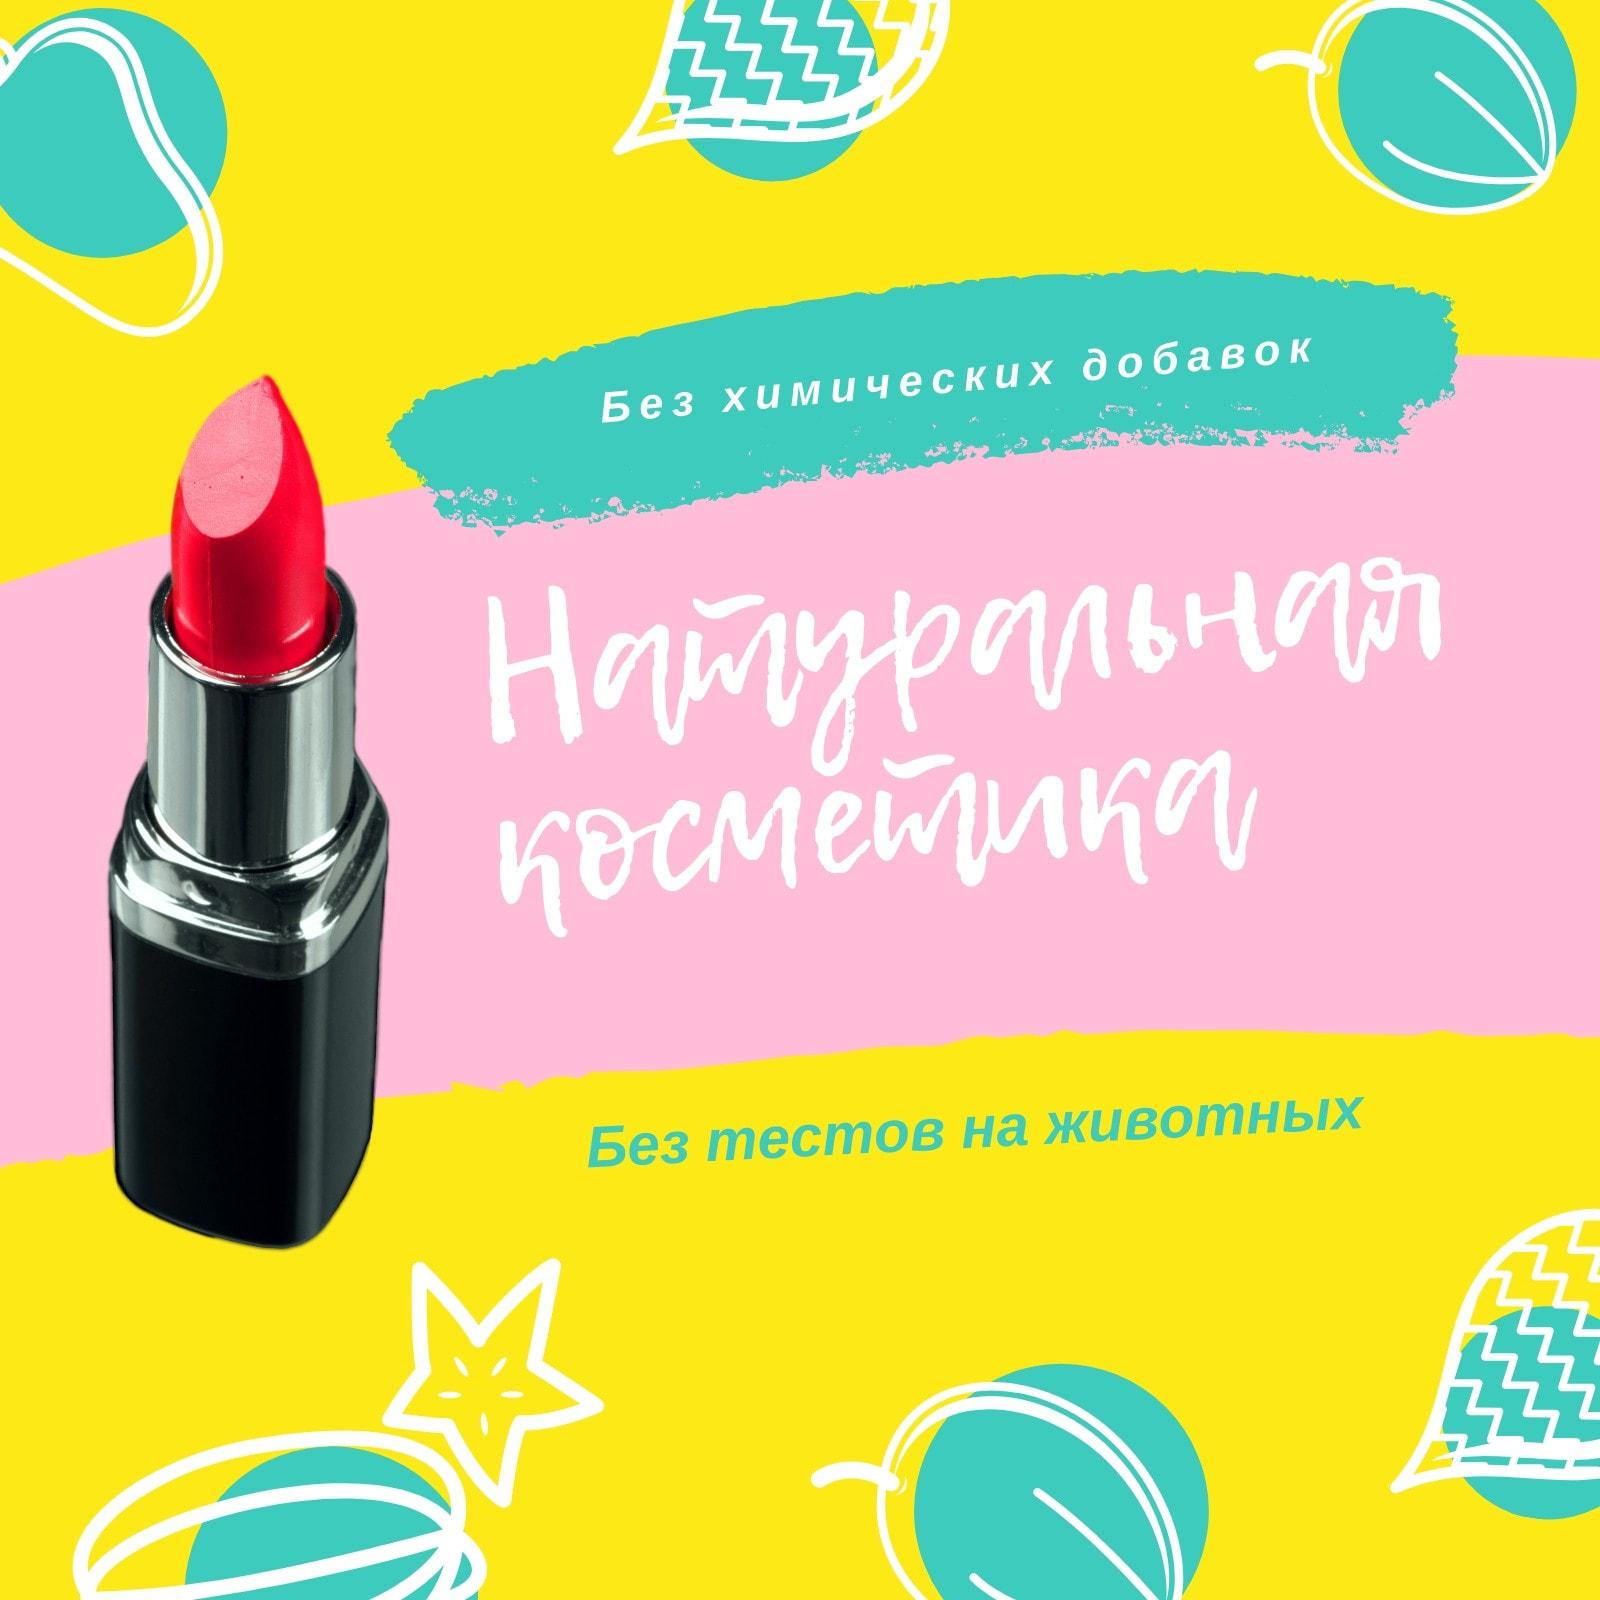 Разноцветная публикация в Instagram о косметике